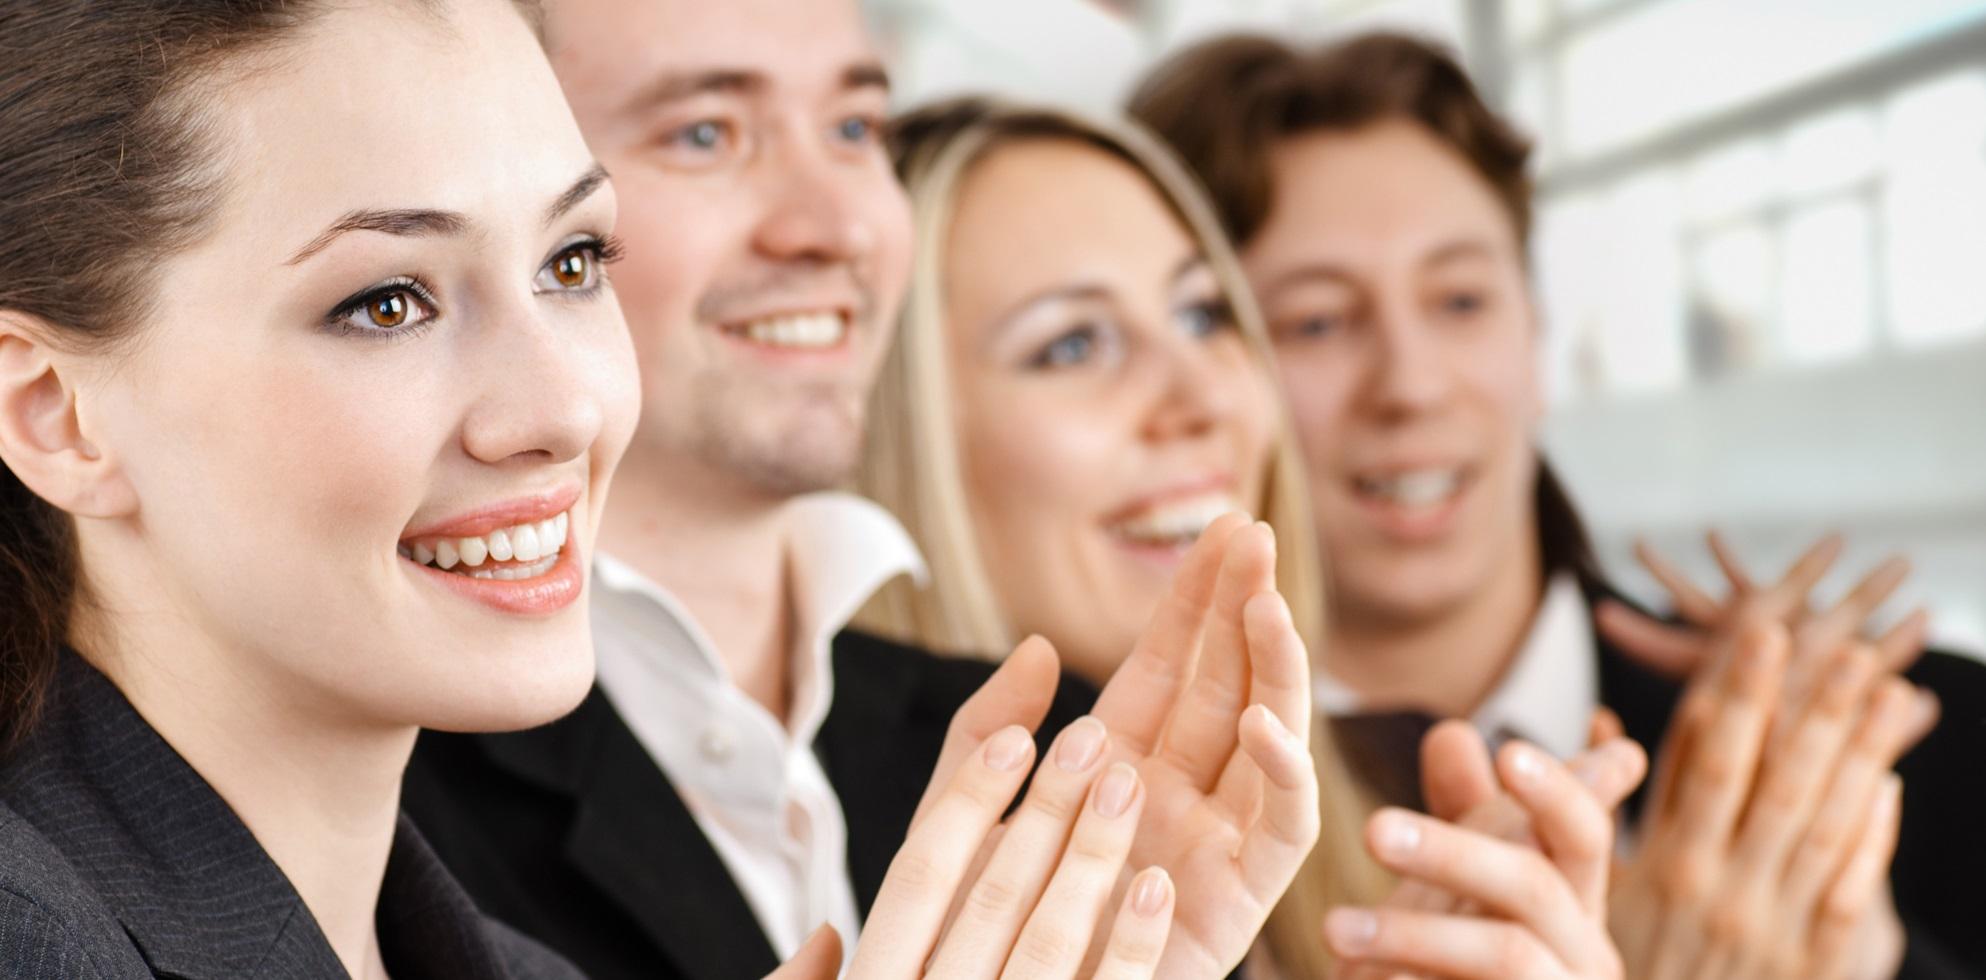 entreprise groupe de travail ateliers job motivation paris consultance coaching risques psycho-sociaux